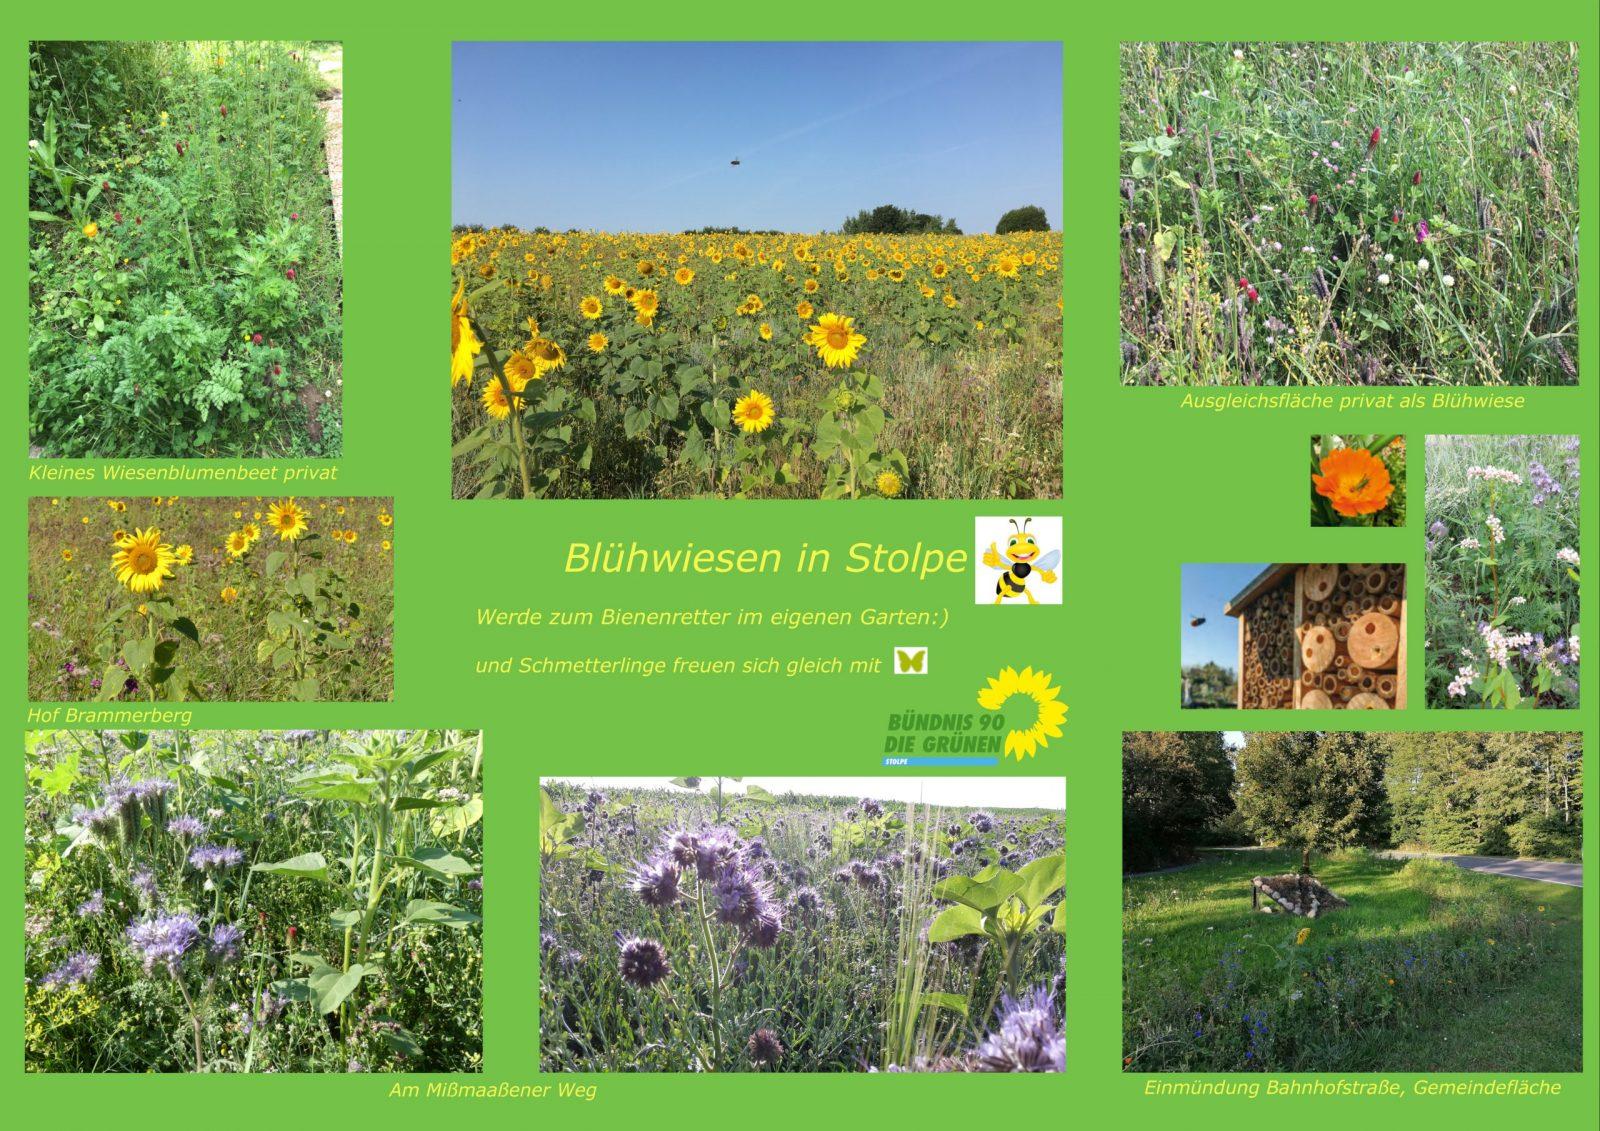 Blühwiesen-Plakat von  Petra Sauer-Wolfgramm